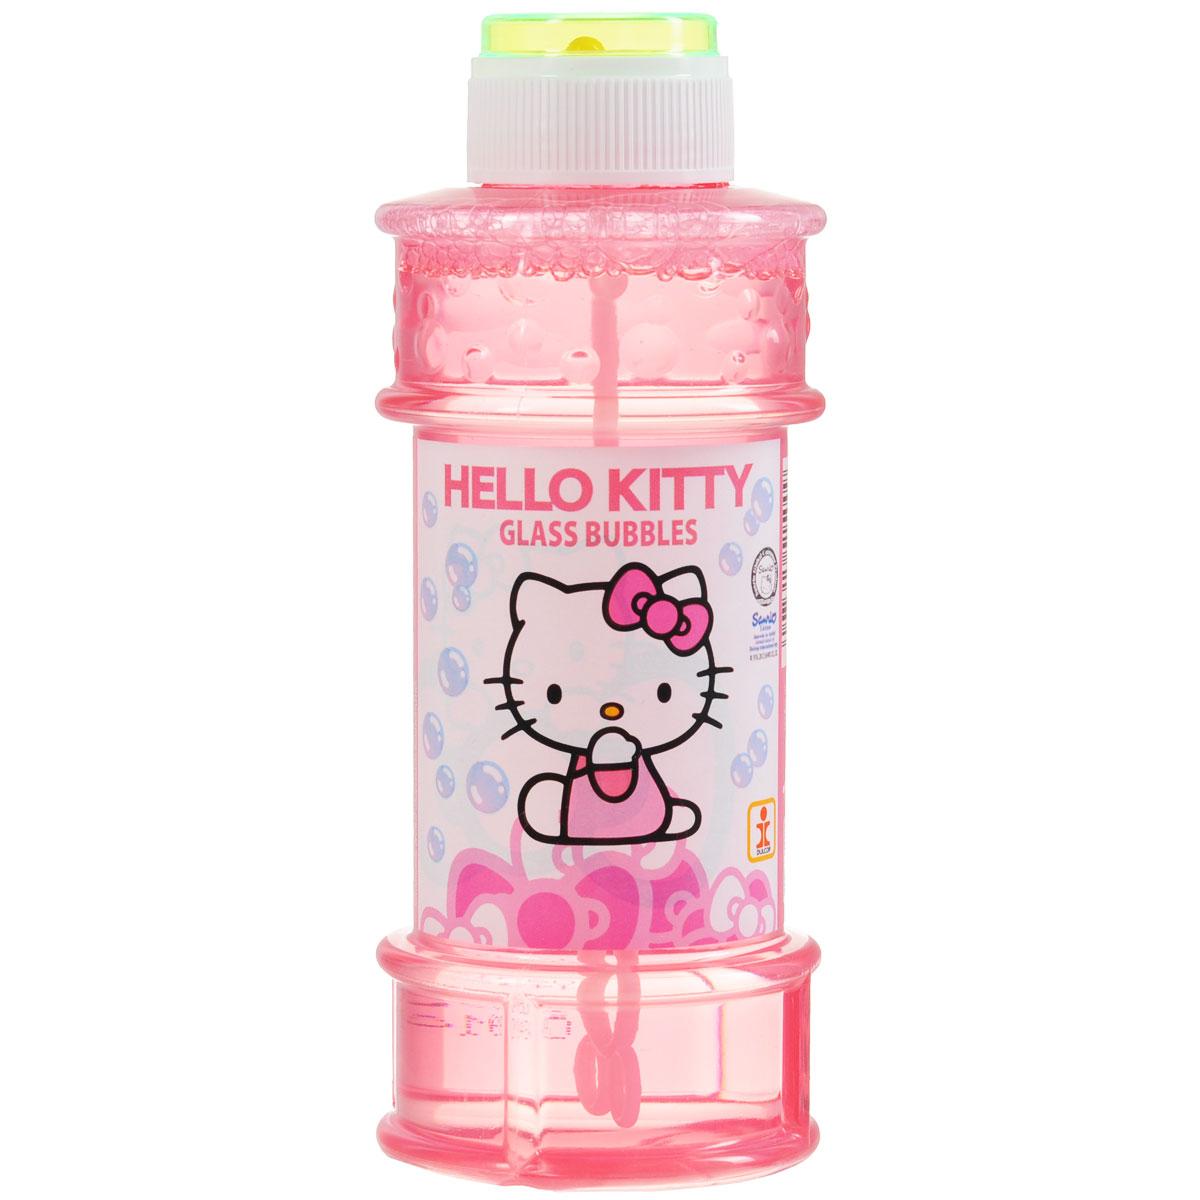 """Мыльные пузыри """"Hello Kitty"""" станут отличным развлечением на любой праздник! Парящие в воздухе, большие и маленькие, блестящие мыльные пузыри всегда привлекают к себе внимание не только детишек, но и взрослых. Смеющиеся ребята с удовольствием забавляются и поднимают настроение всем окружающим, создавая неповторимую веселую атмосферу солнечного радостного дня. В крышке встроена игрушка-лабиринт с шариком. Порадуйте вашего ребенка таким замечательным подарком!"""